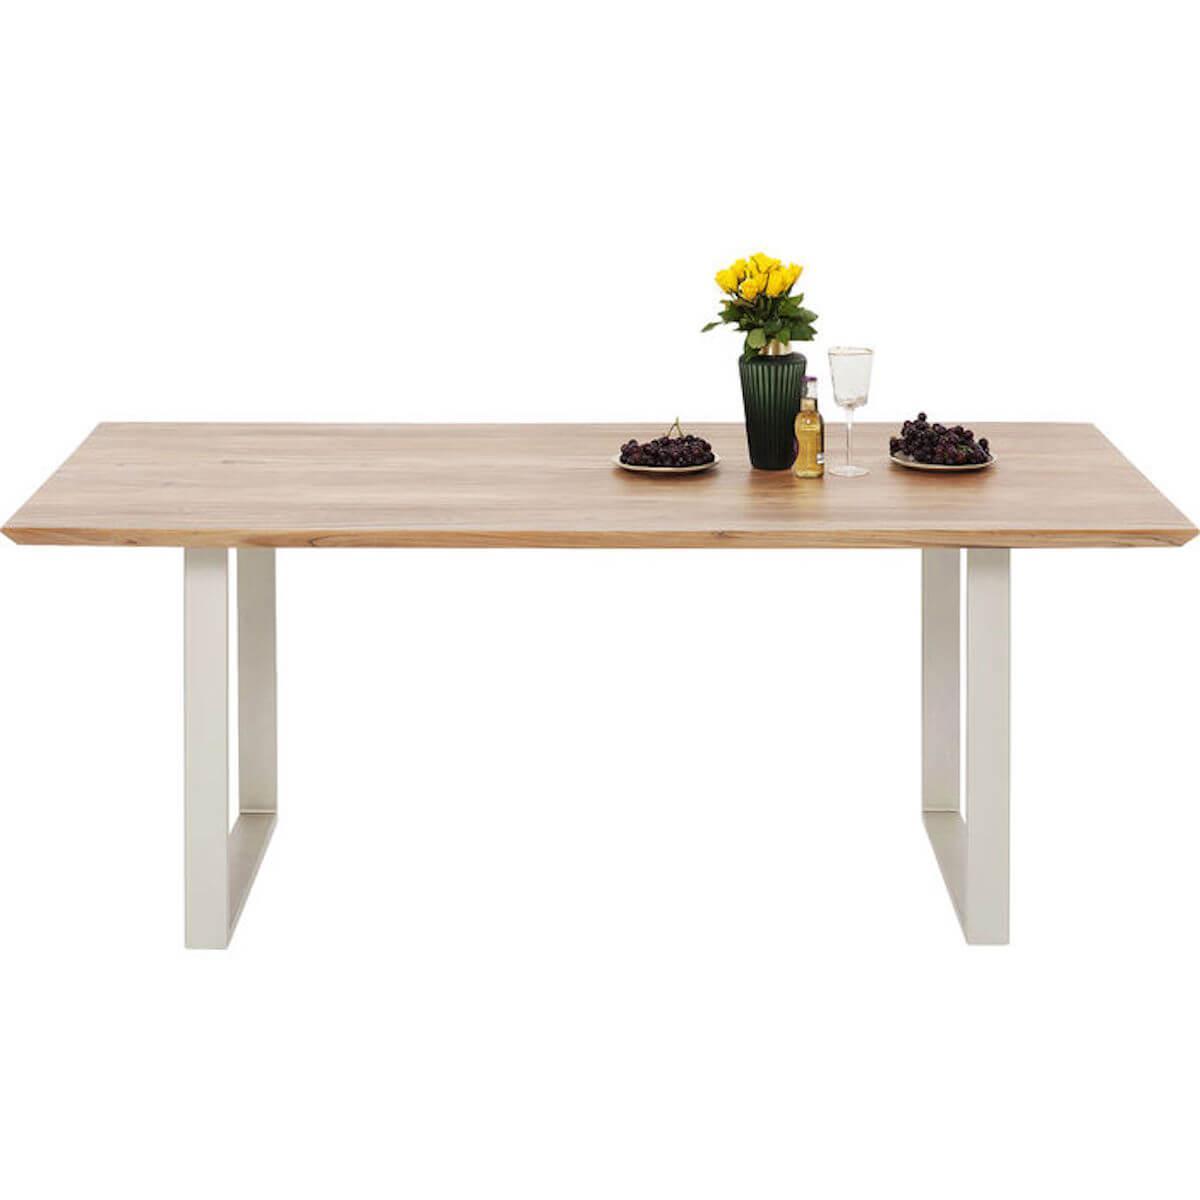 Table 200x100cm SYMPHONY Kare Design argenté